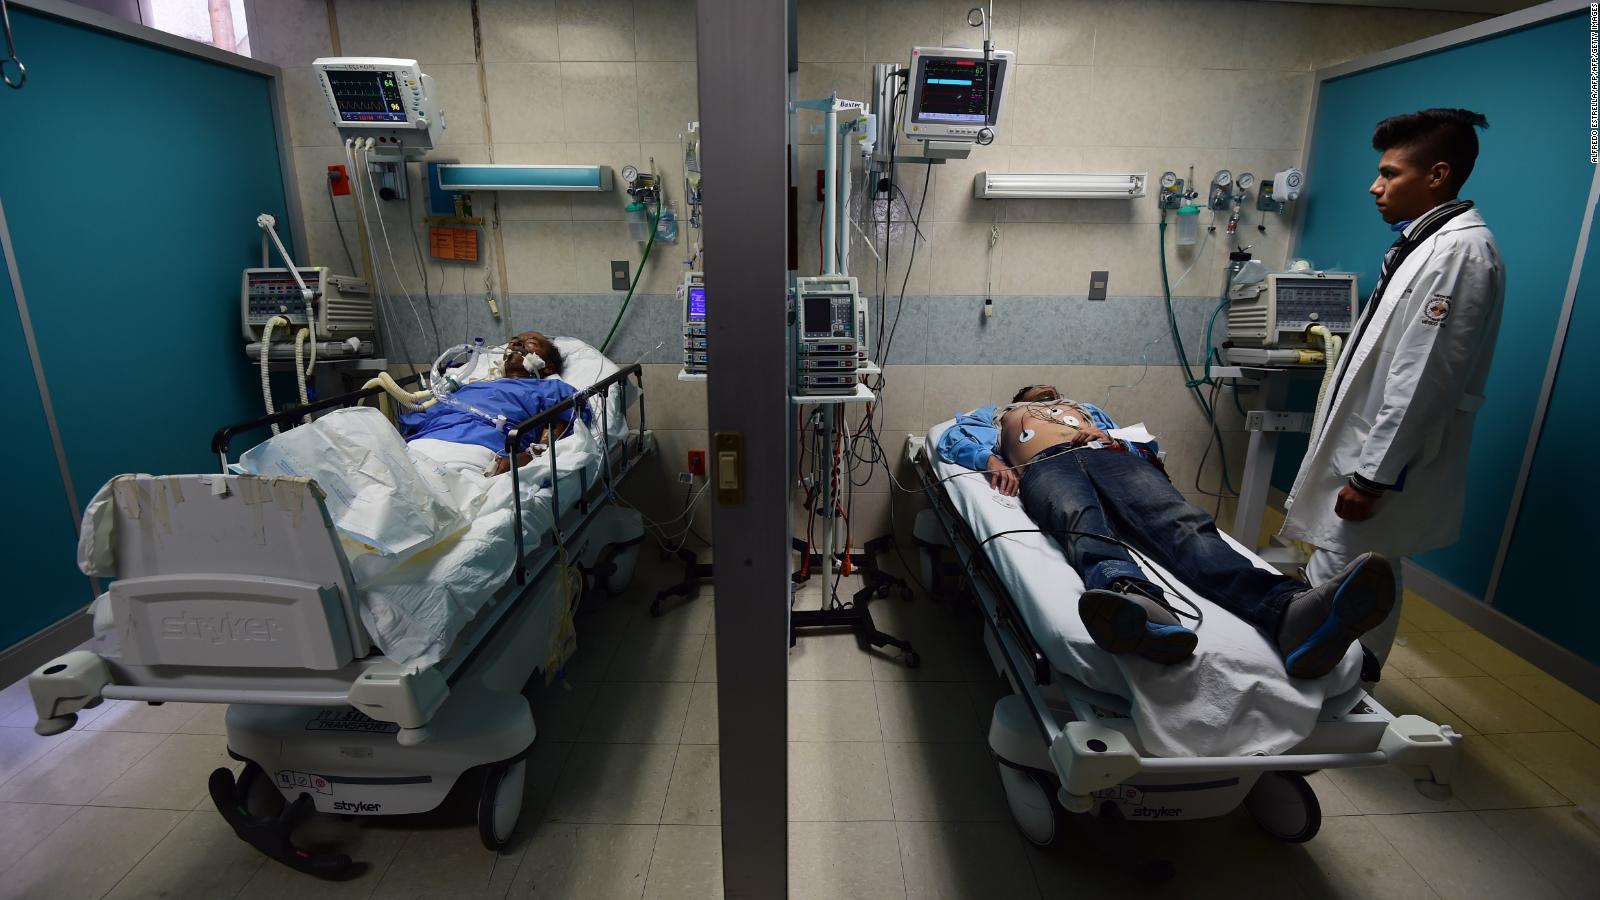 Proyecto mexicano evitaría contagio de enfermedades en hospitales